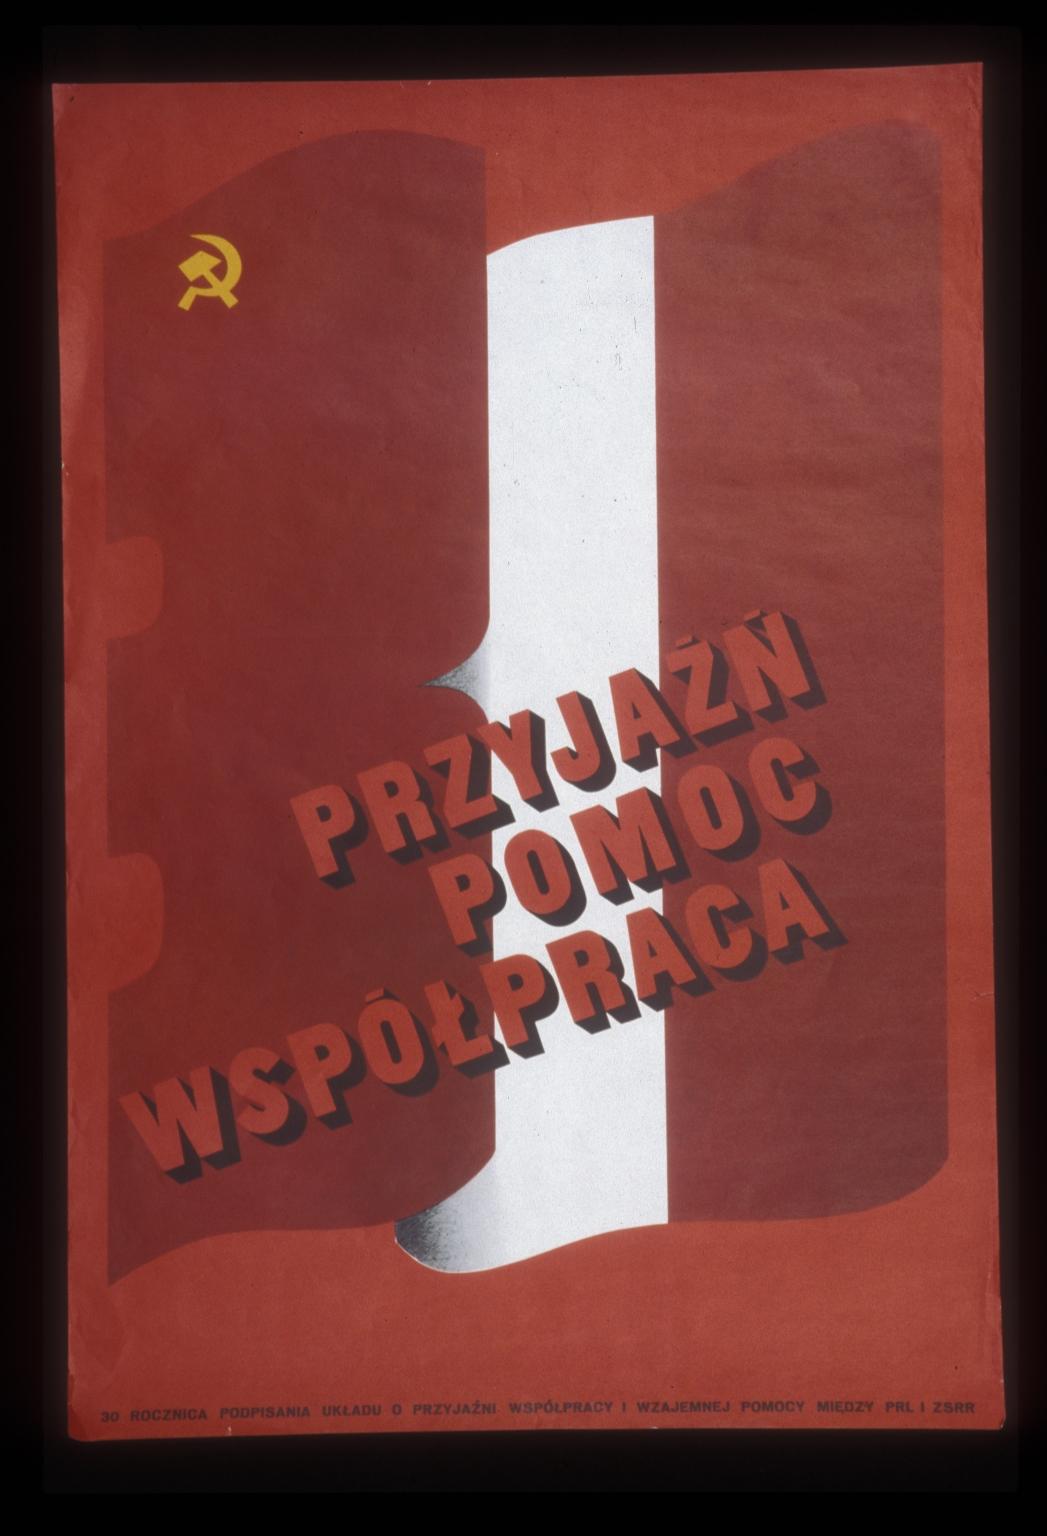 Przyjazn, pomoc, wspolpraca :: 30 rocznica podpisania ukladu o przyjazni, wspolpracy i wzajemnej pomocy miedzy PRL i ZSRR